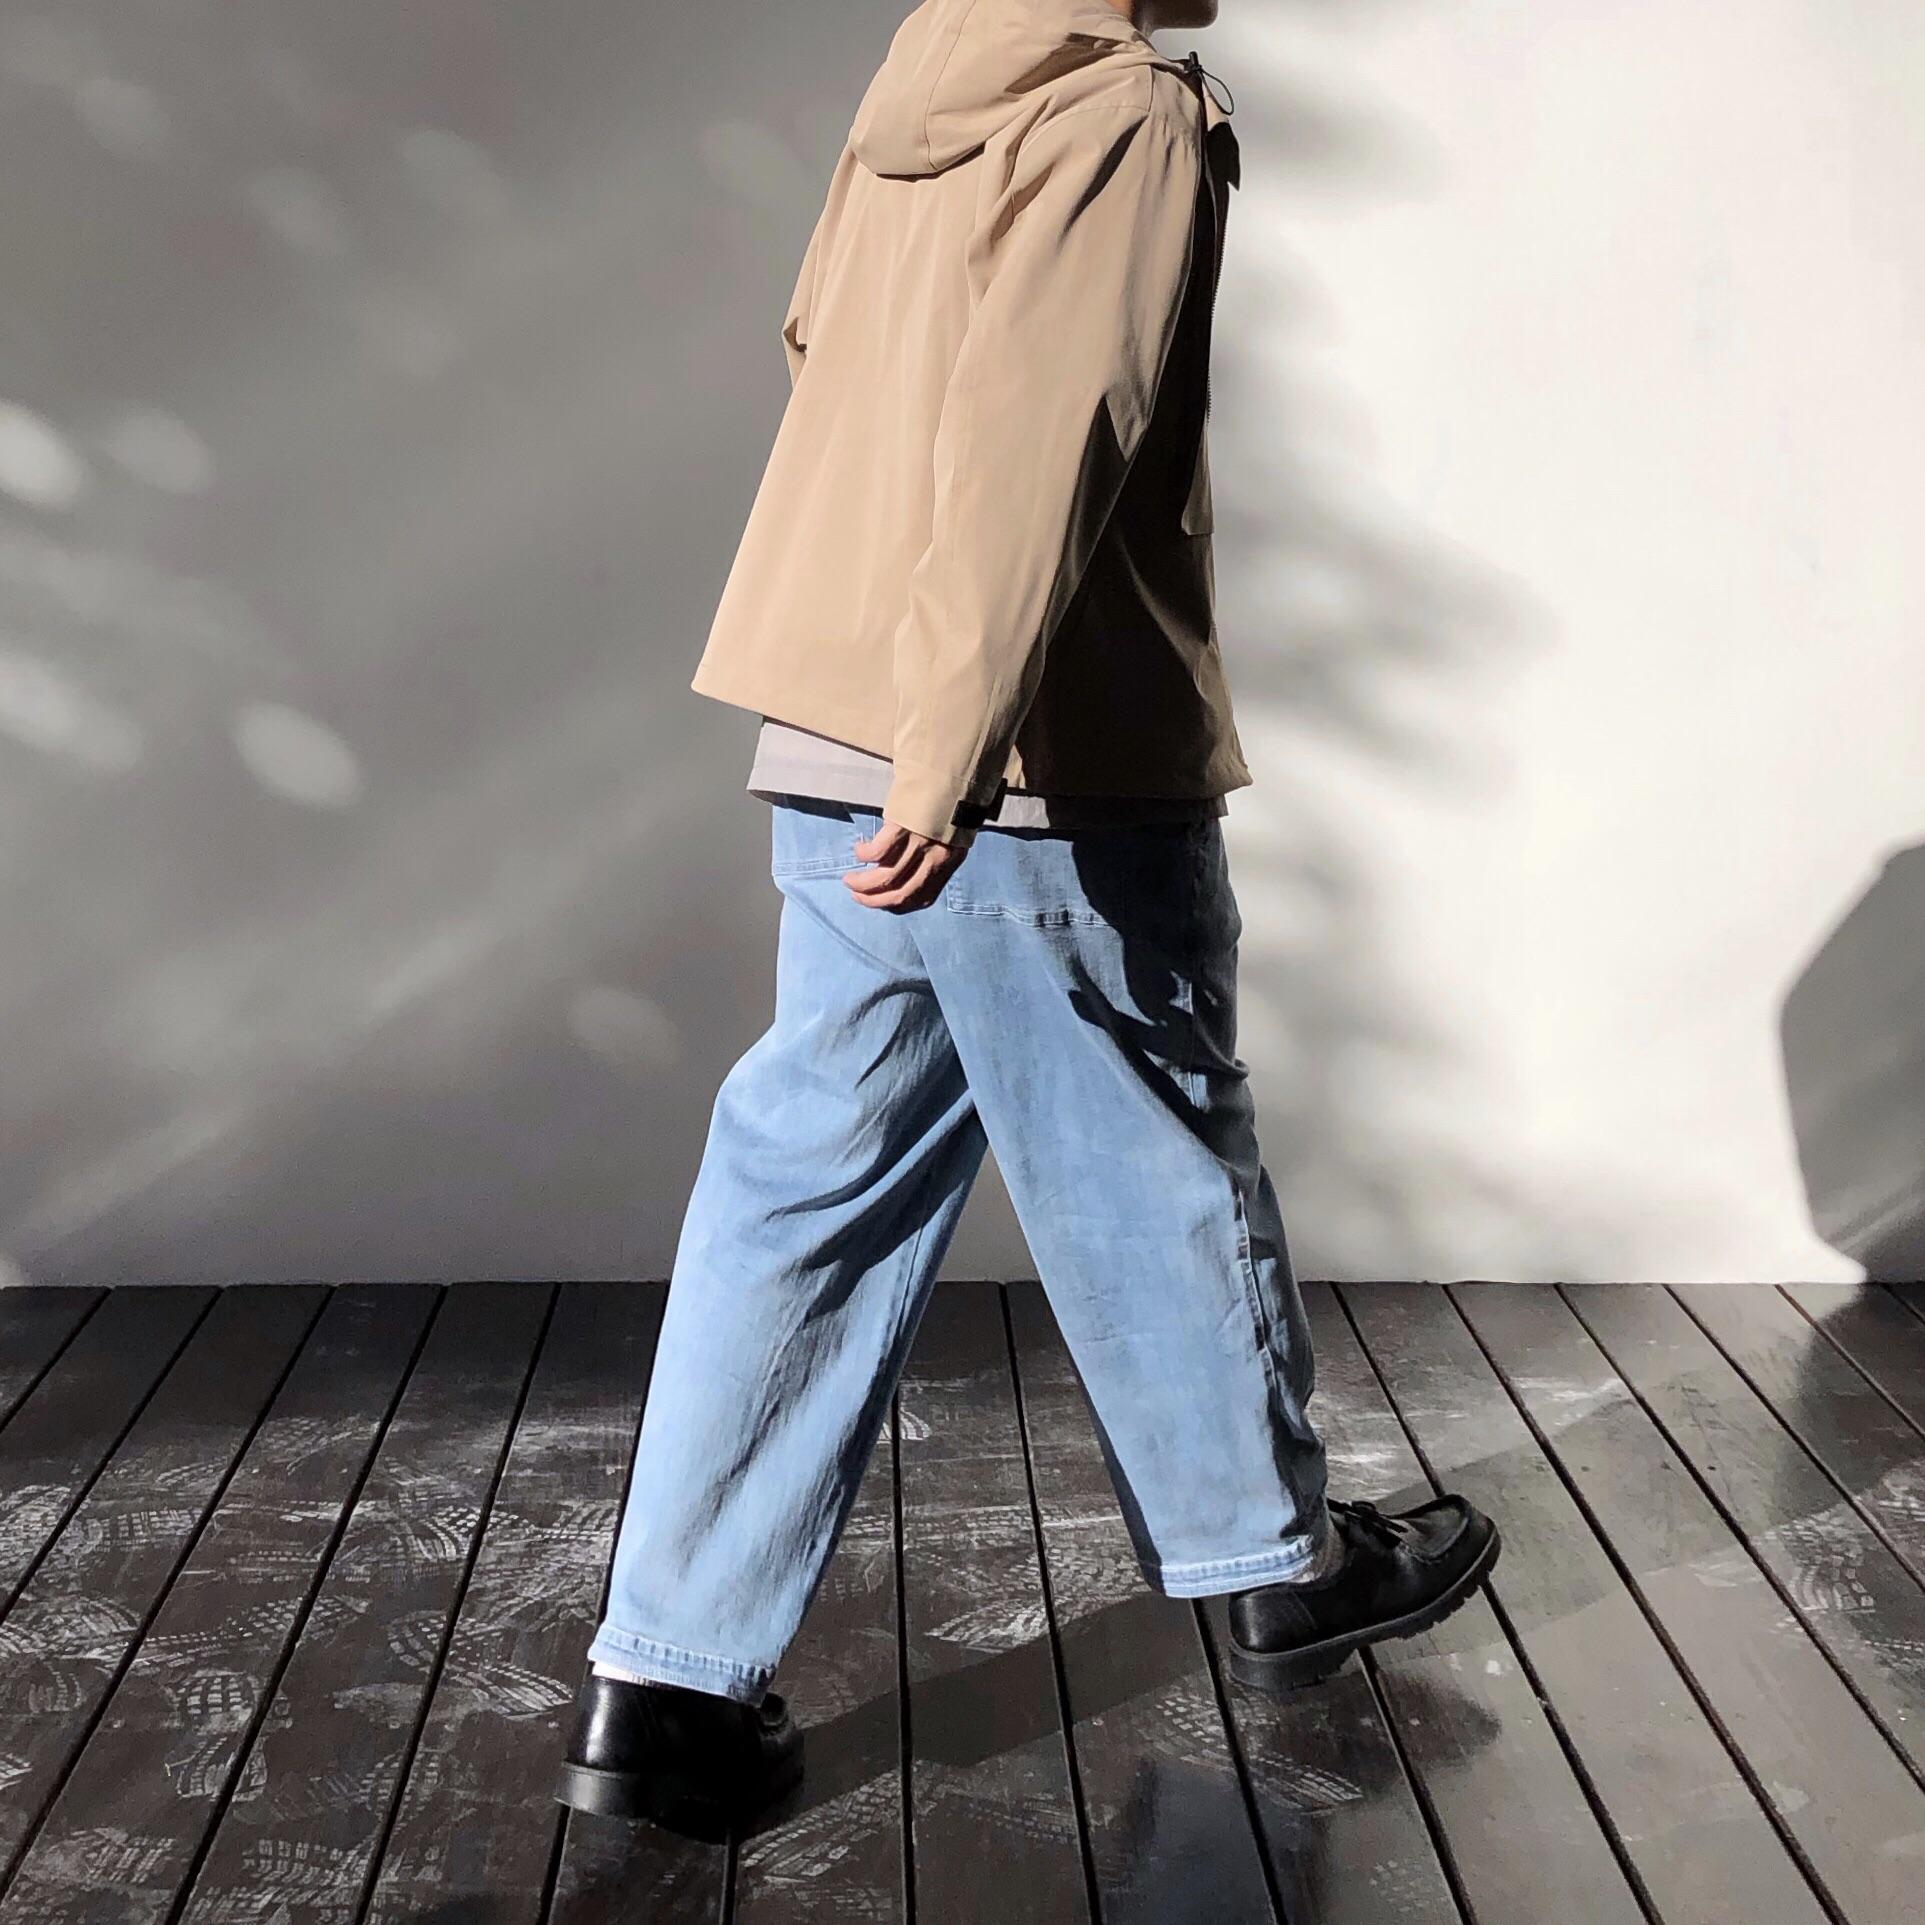 機能外套穿搭,防曬外套,防曬外套推薦,衝鋒衣,衝鋒衣推薦,機能外套,機能外套推薦,防風外套,防水外套,外套